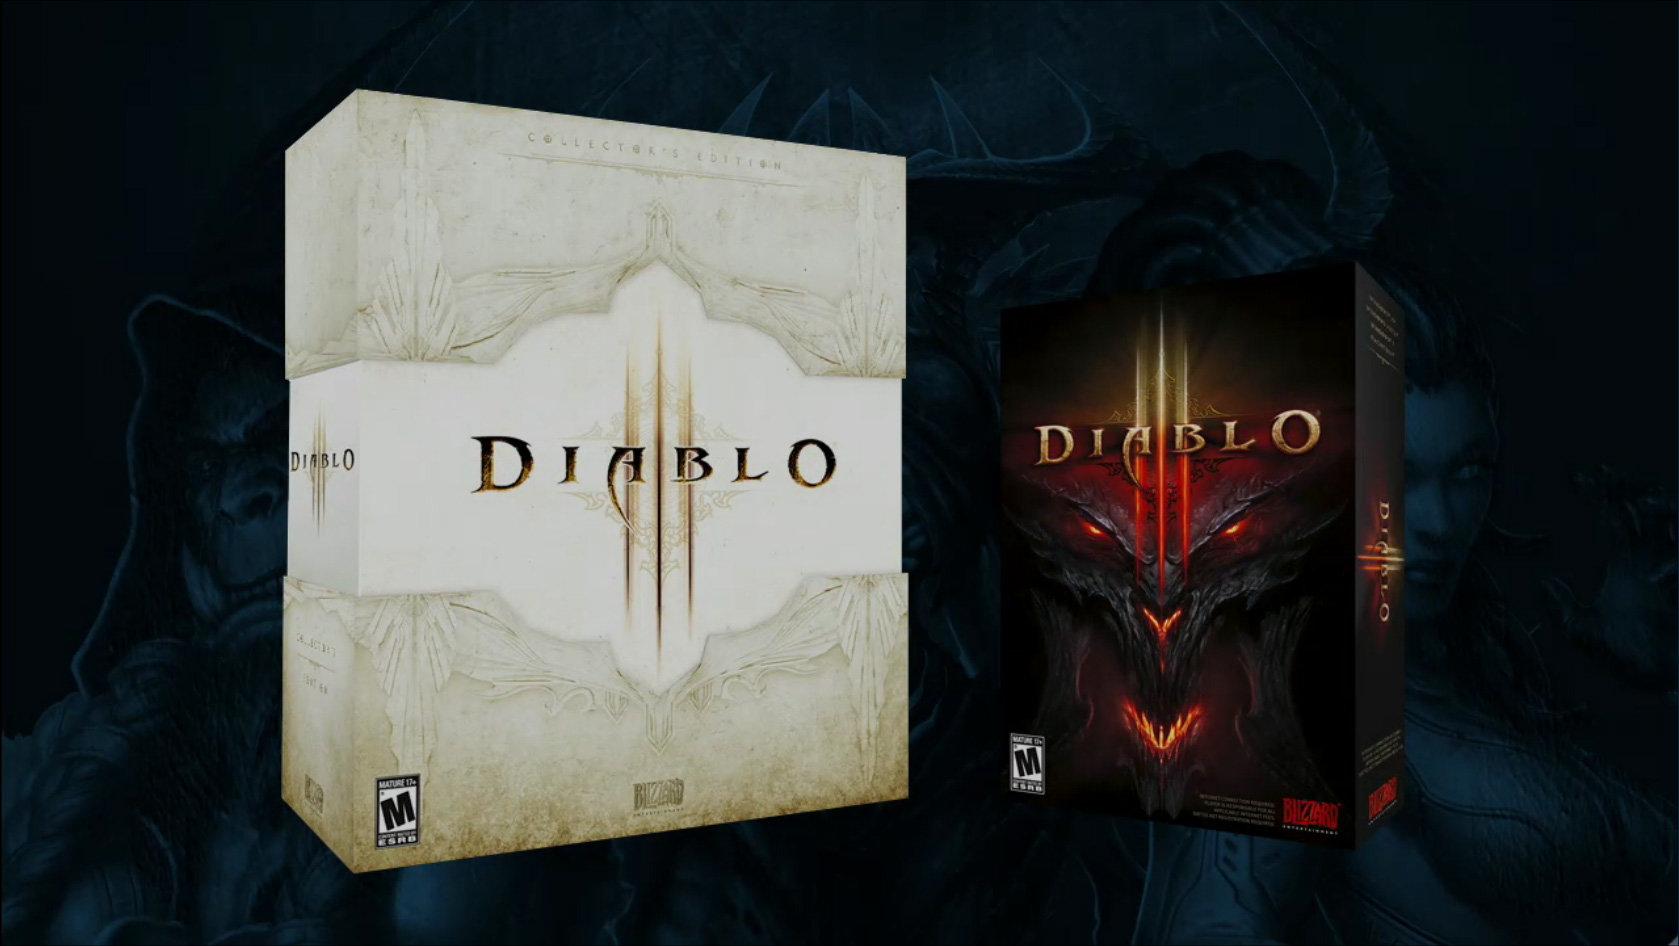 Diablo 3 Collector's Edition (links)